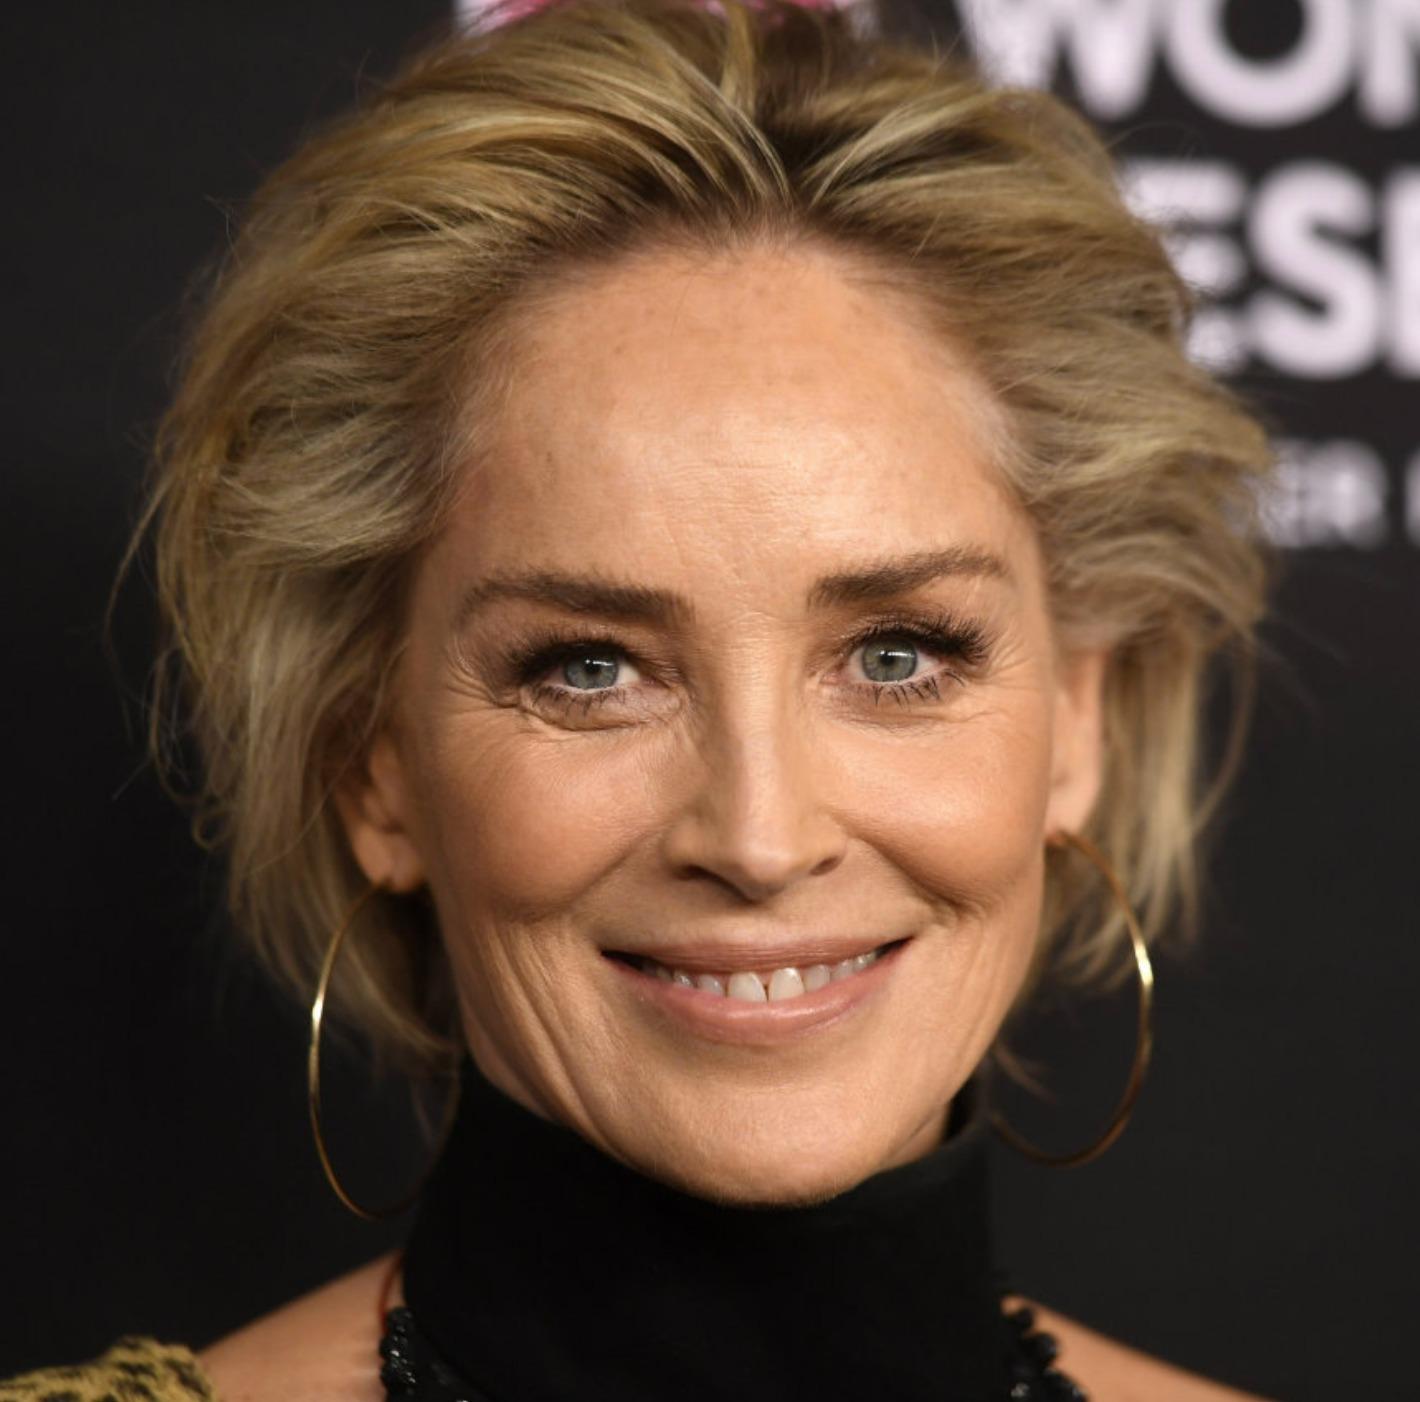 Sharon Stone: età, altezza, peso, ex mariti vip, i 3 figli adottivi, la malattia, l'ultimo compagno